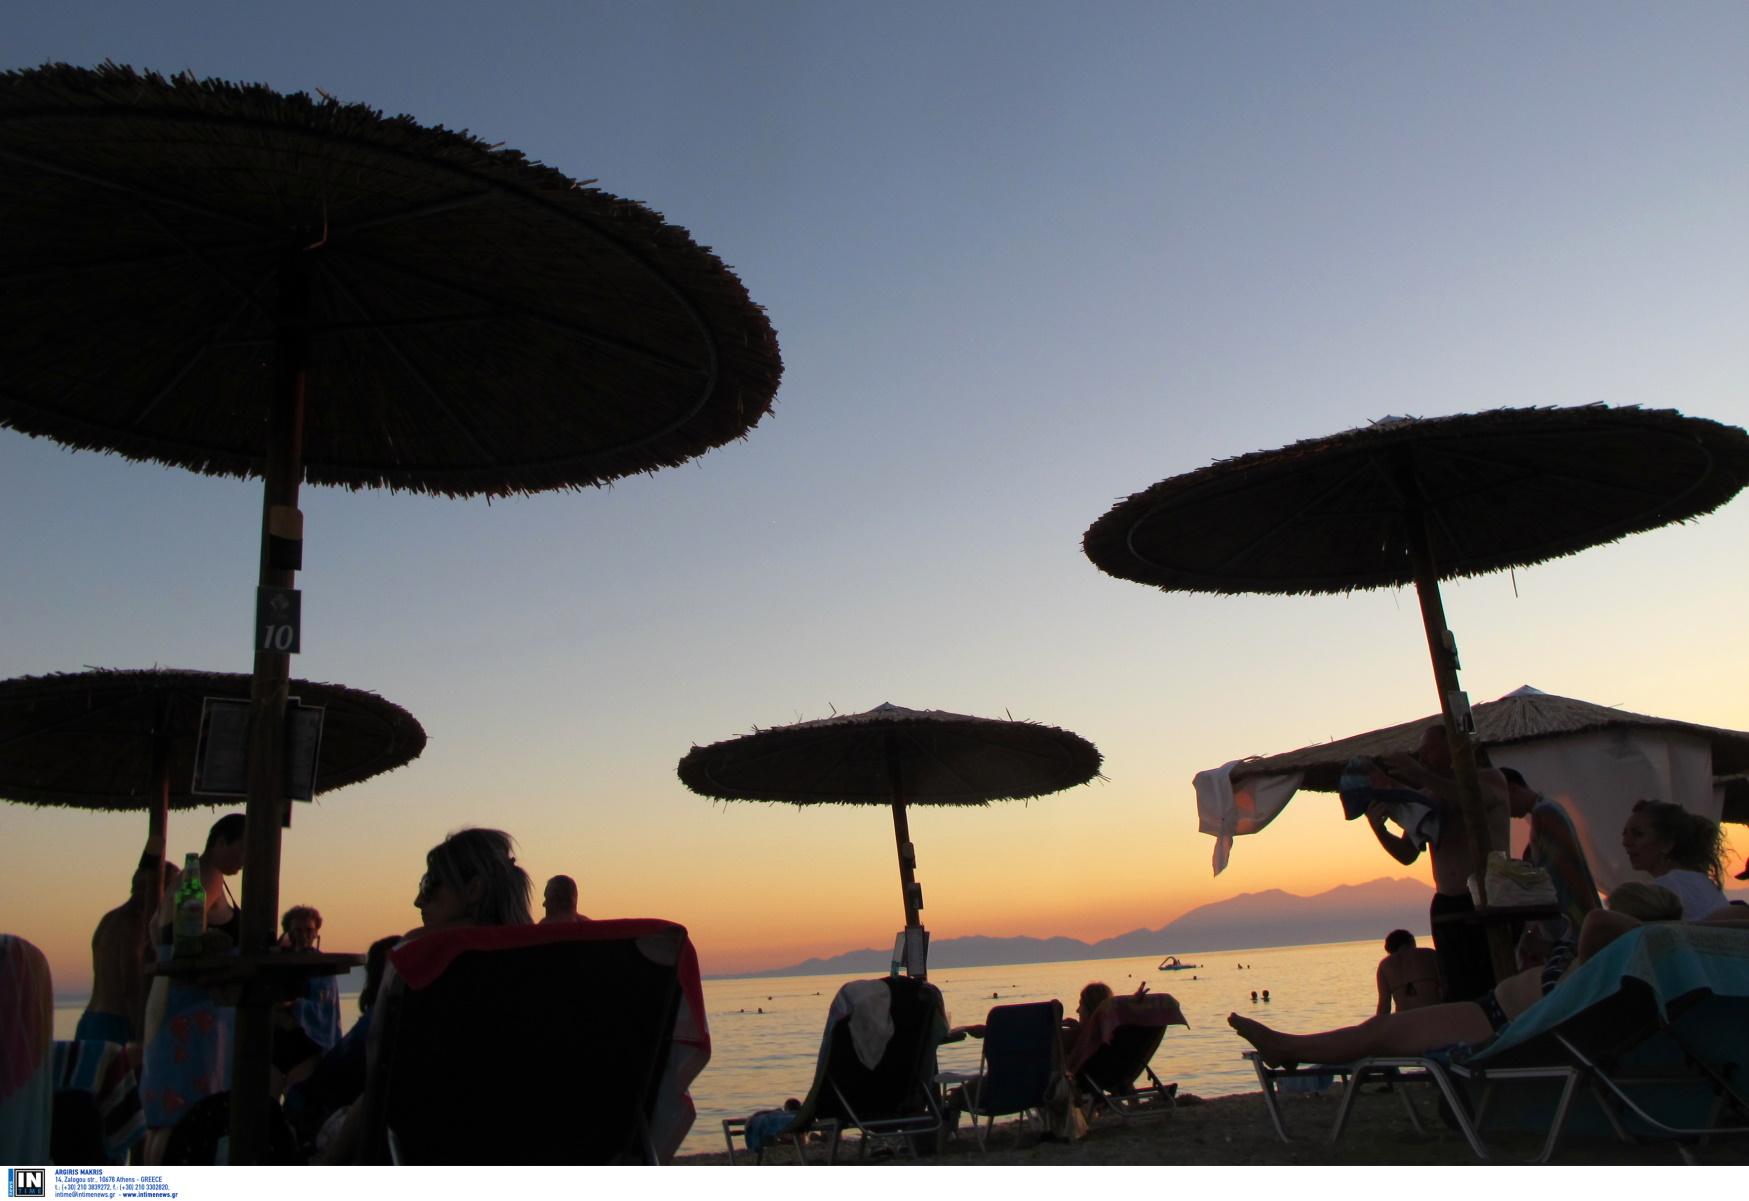 10 πράγματα που πρέπει να λάβεις υπόψη πριν πας διακοπές